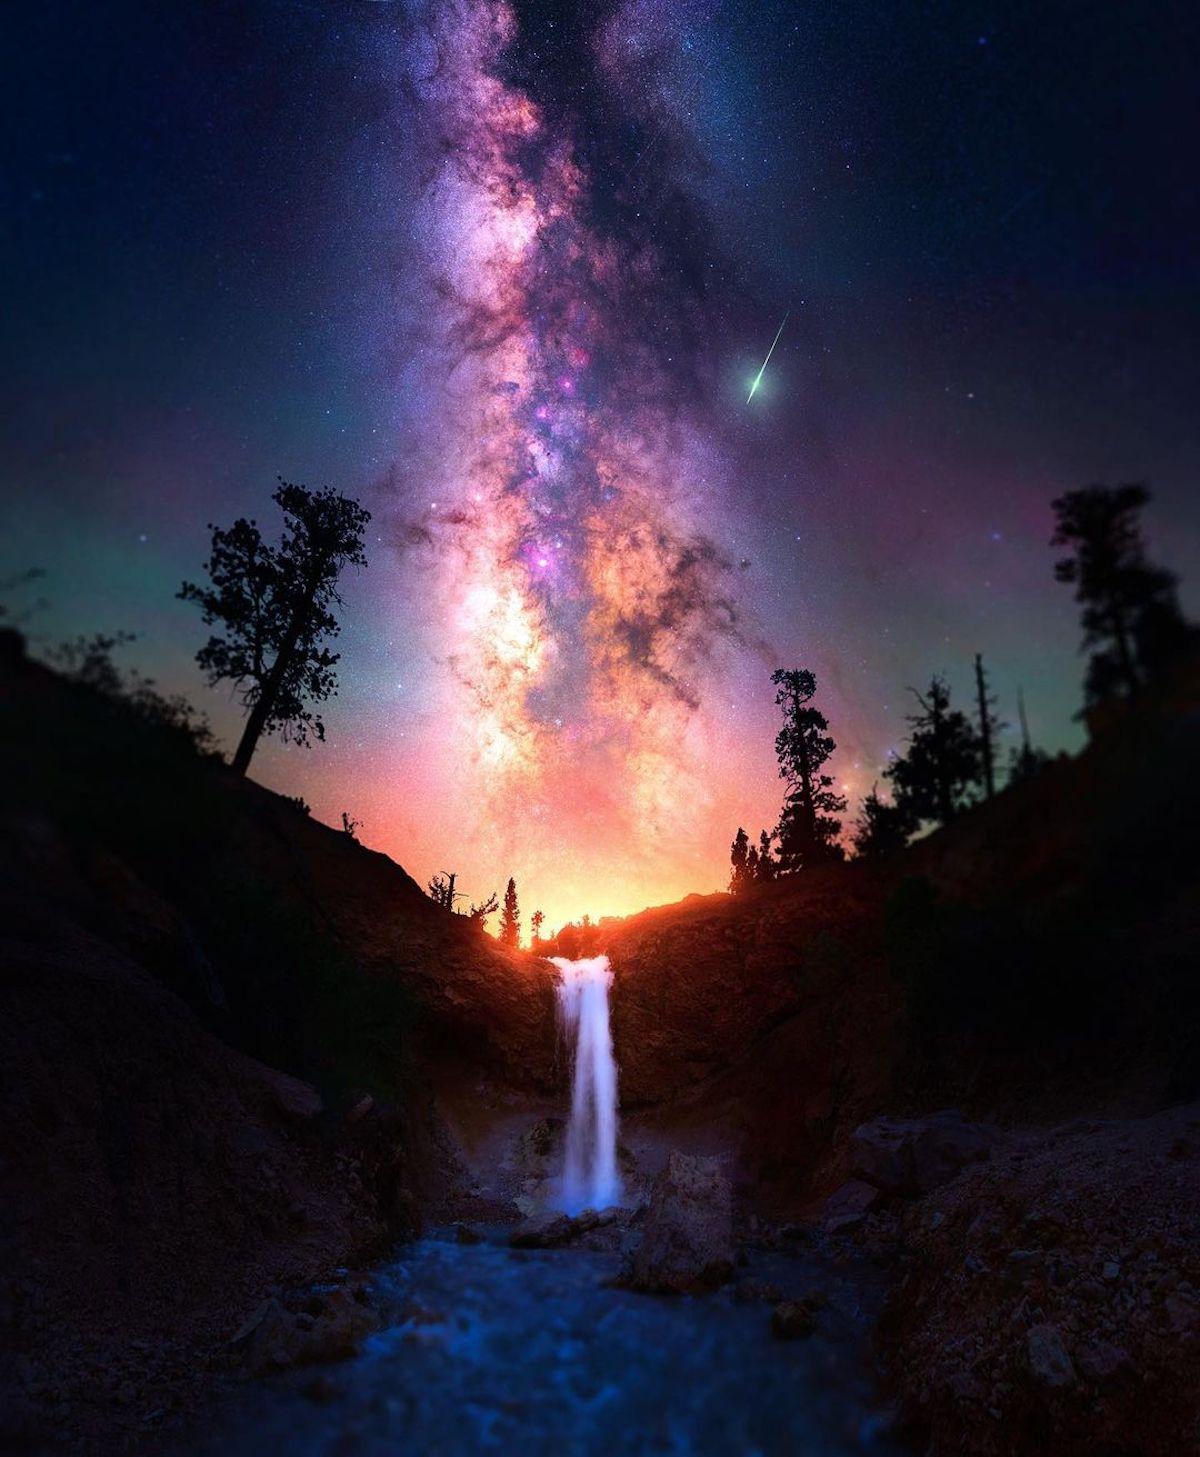 Milky Way Photo by Derek Culver